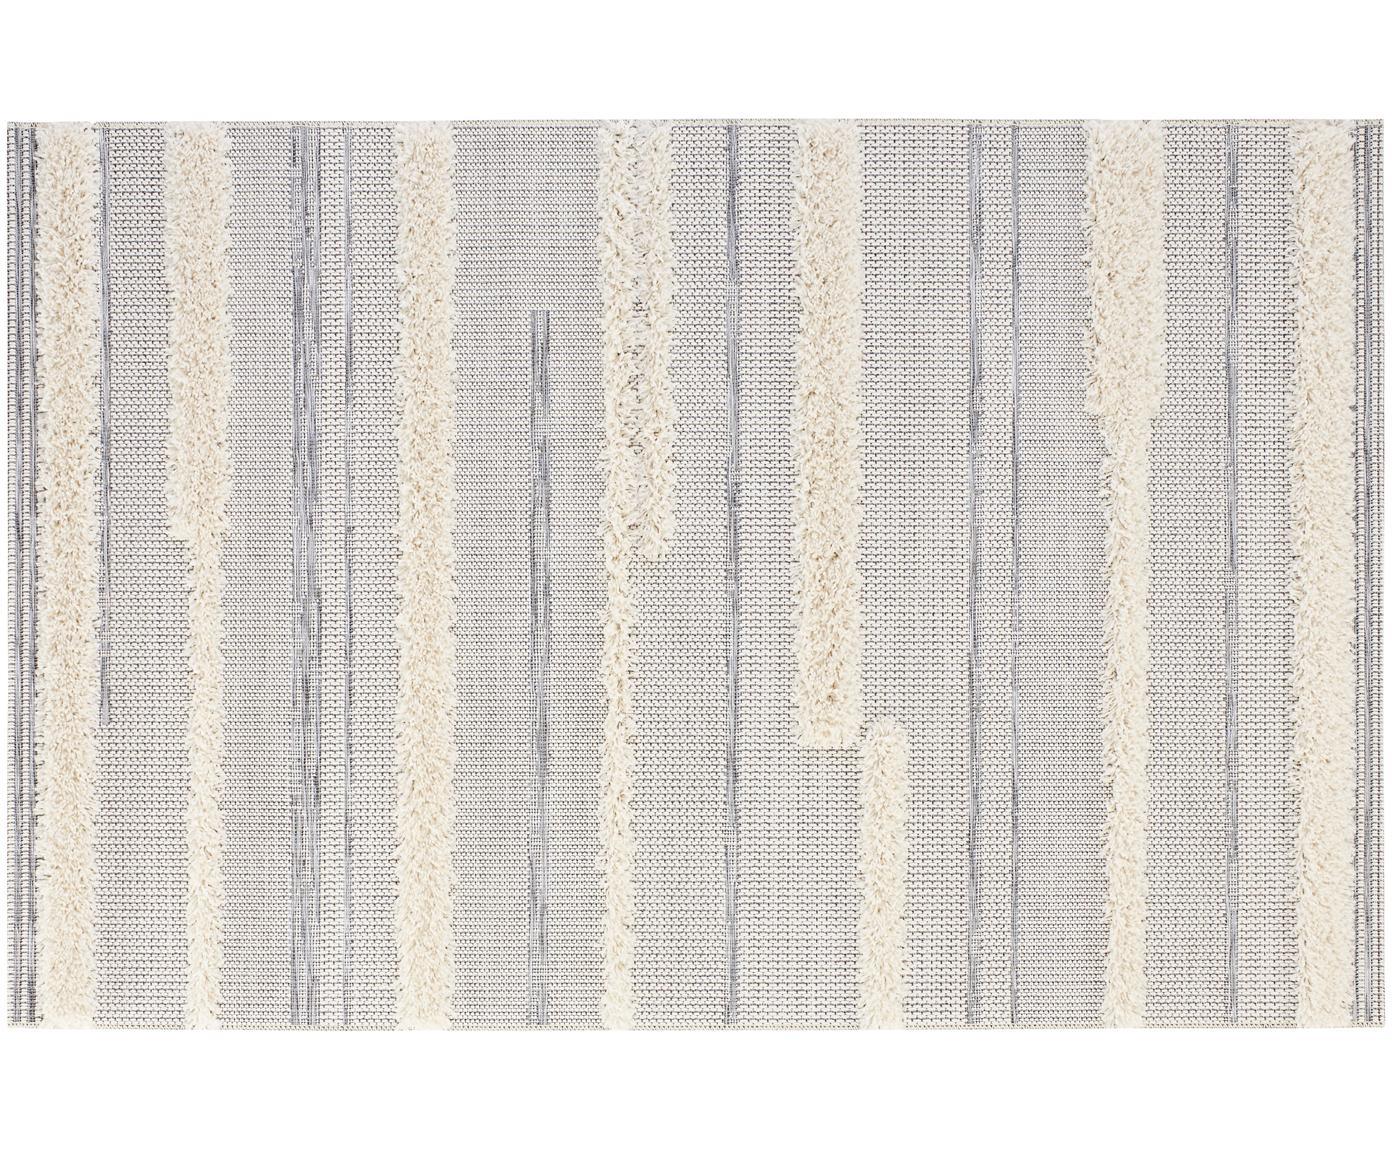 In- & Outdoor-Teppich Ifrane in Grau-Creme, Flor: 100% Polypropylen, Creme, Grau, B 115 x L 170 cm (Größe S)